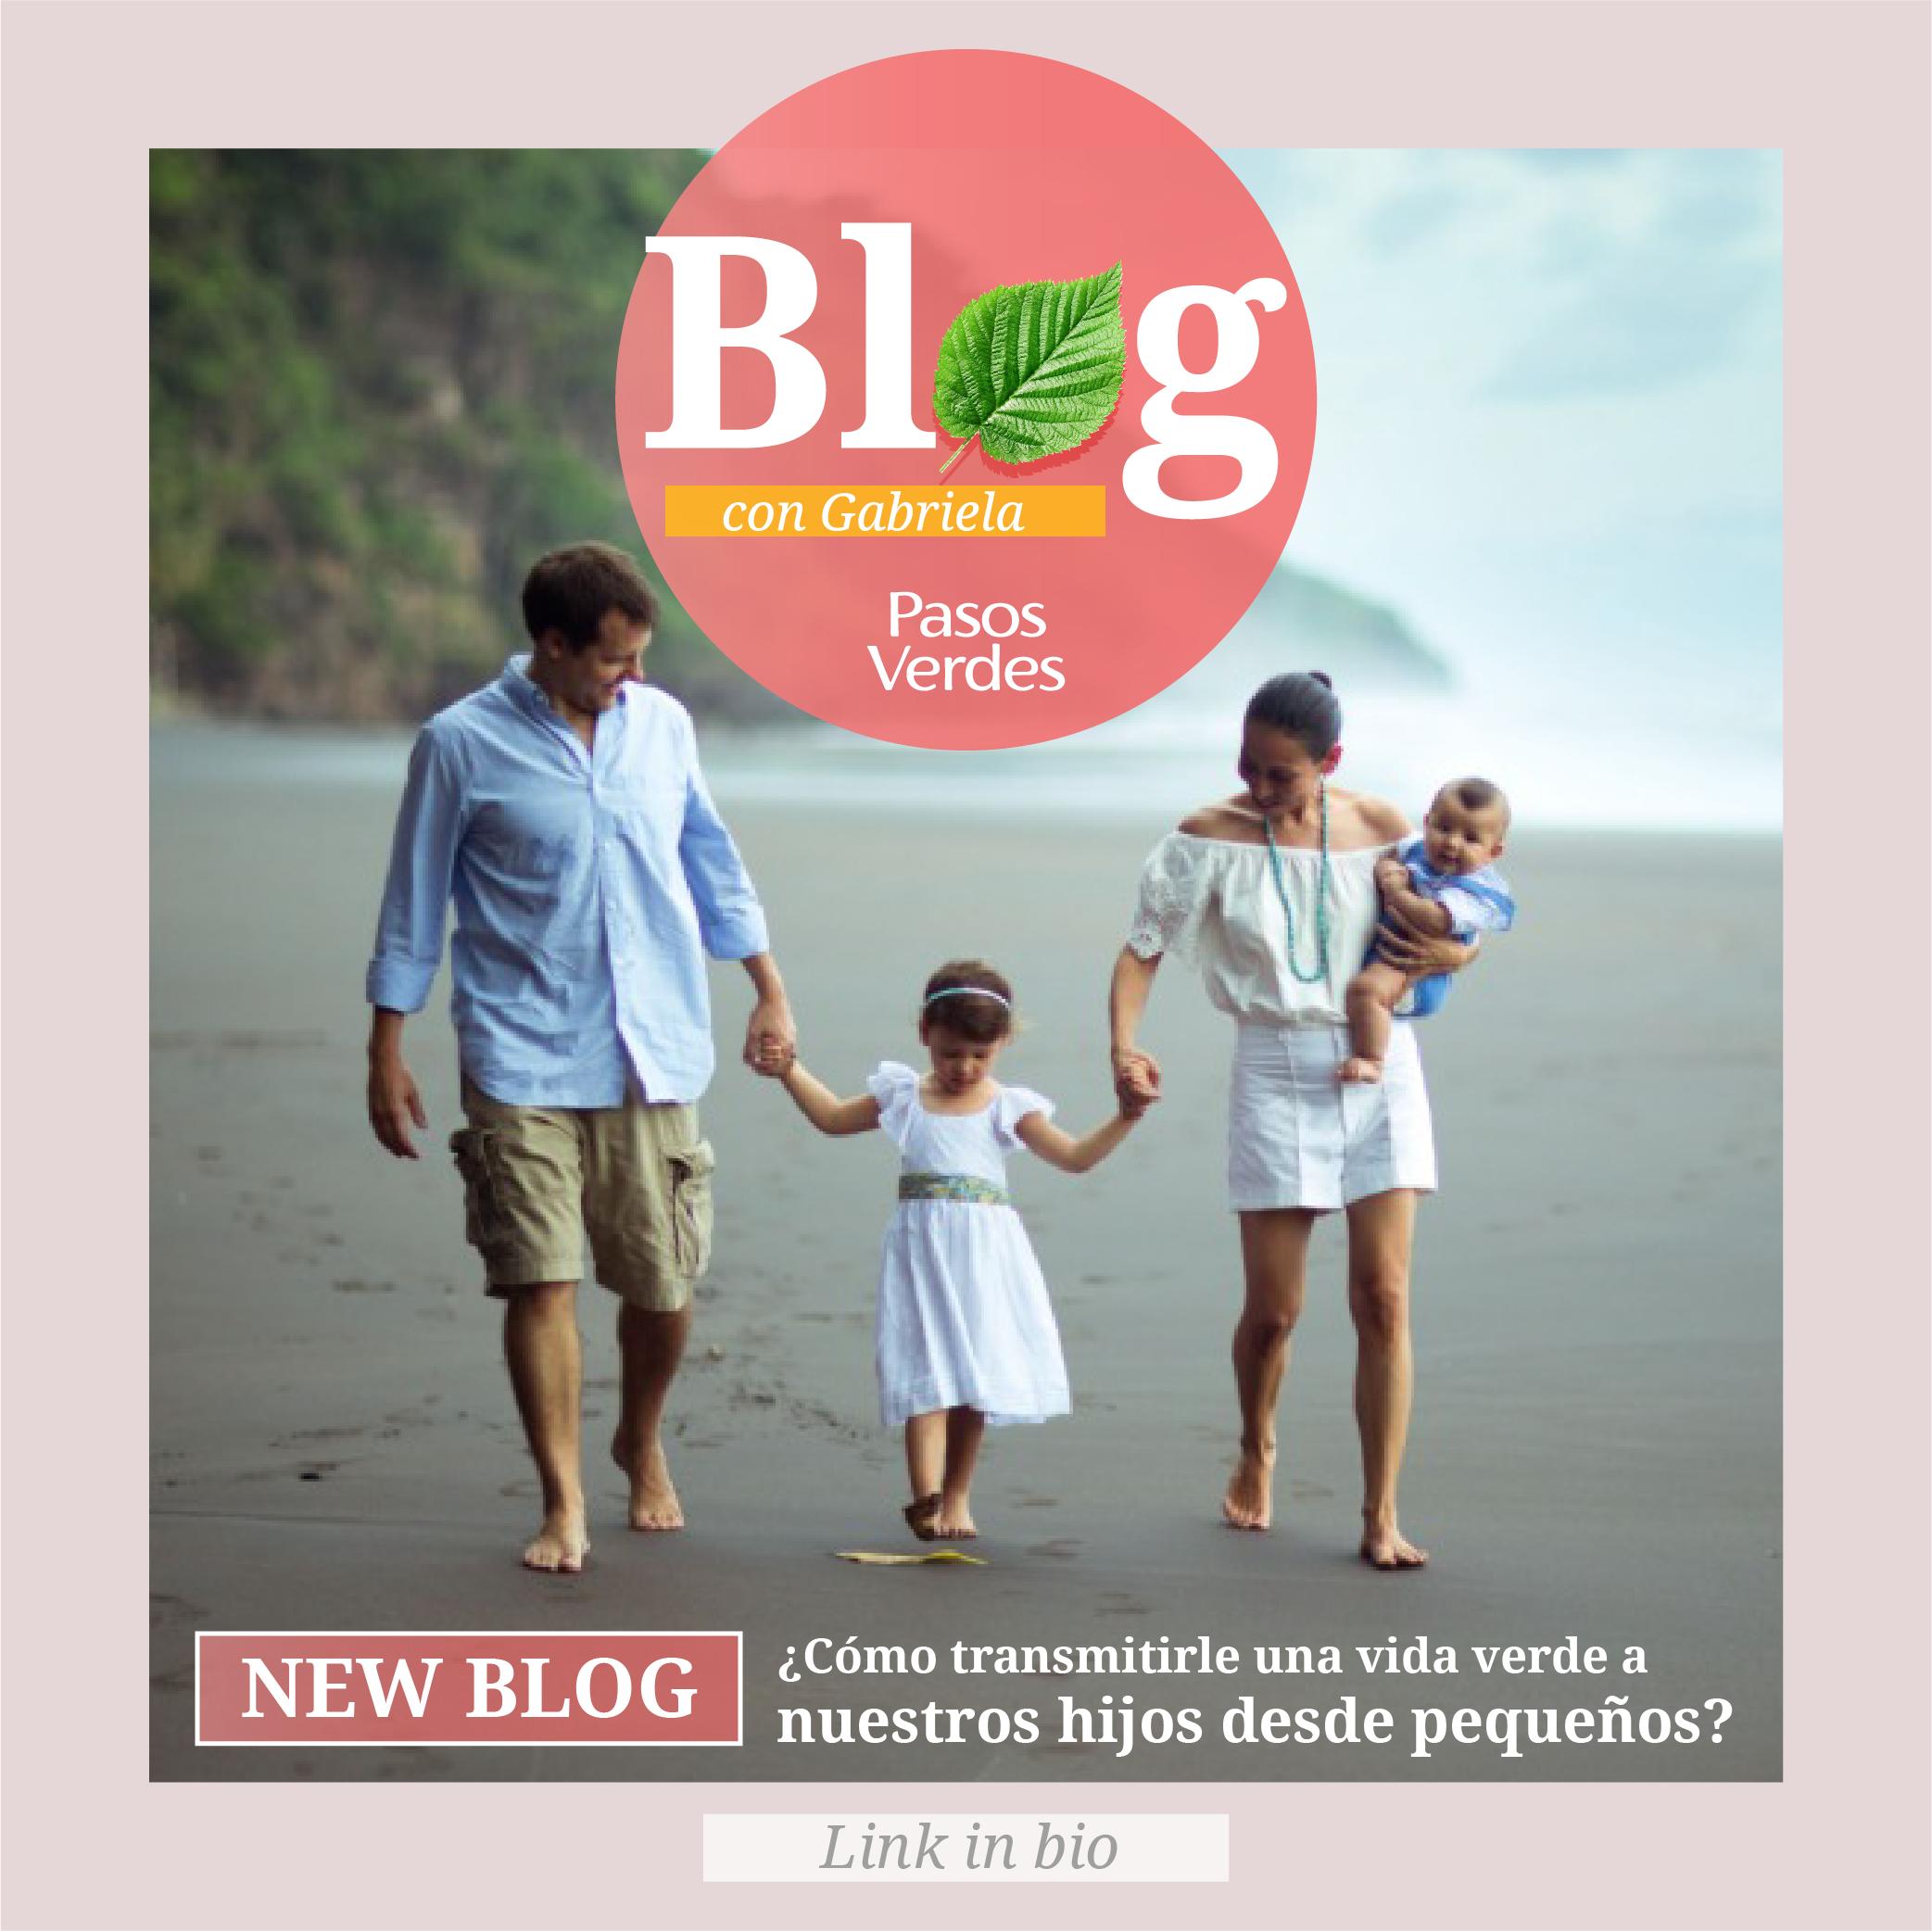 ¿Como transmitirle una vida verde a nuestros hijos desde pequeños?